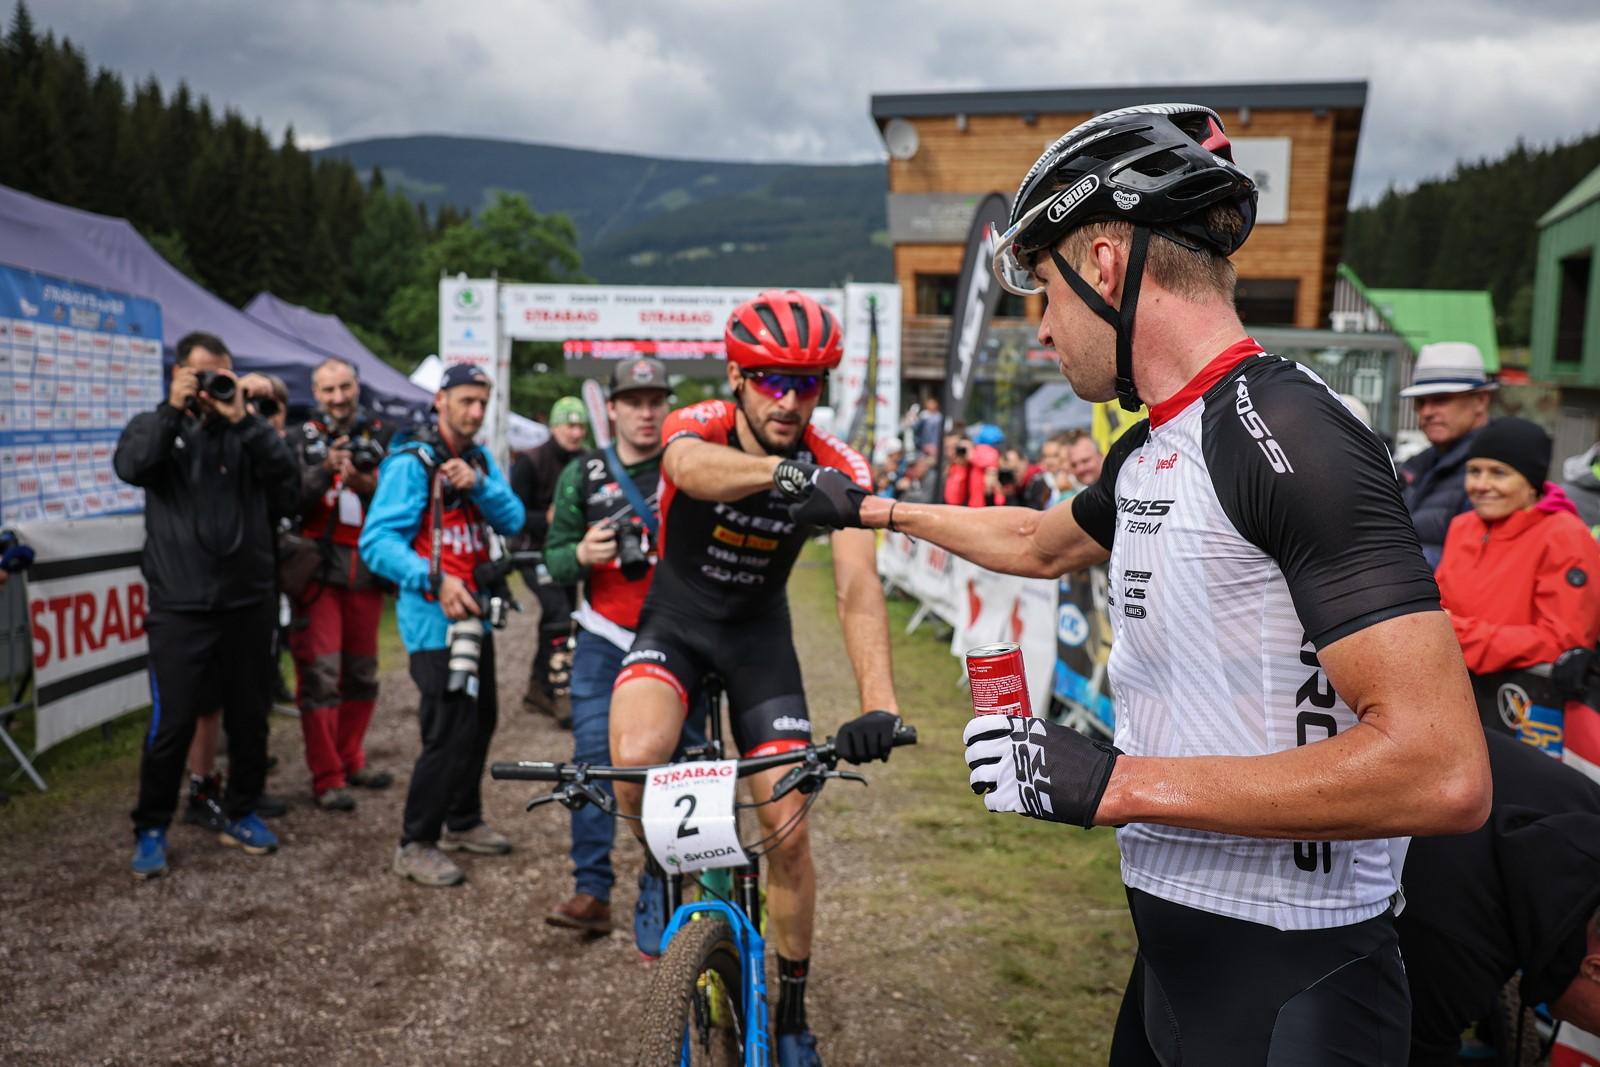 Ondřej Cink se zdraví s Janem Škarnitzlem, který vybojoval na MČR v cross country druhé místo. Foto: Michal Červený